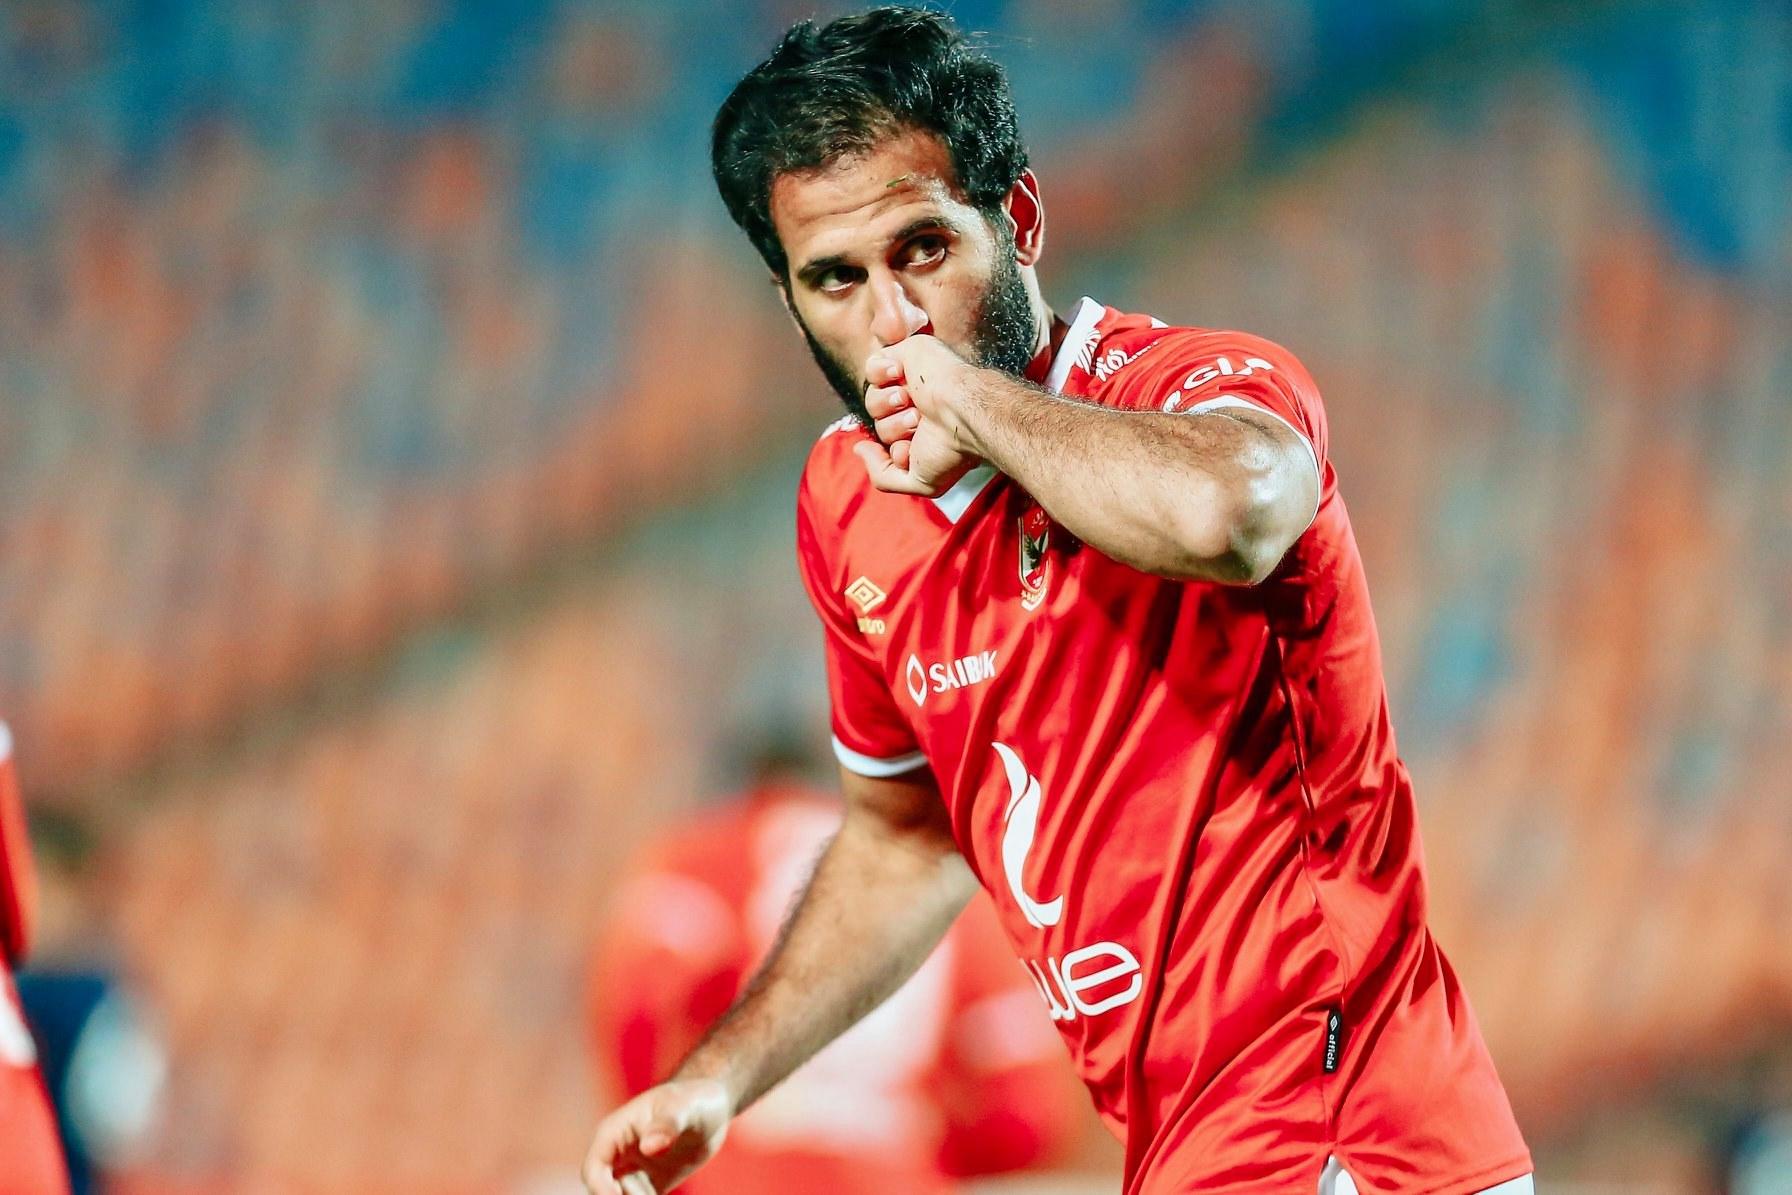 مروان محسن يستعيد البريق أمام الجونة و يهدي الأهلي الثلاث نقاط